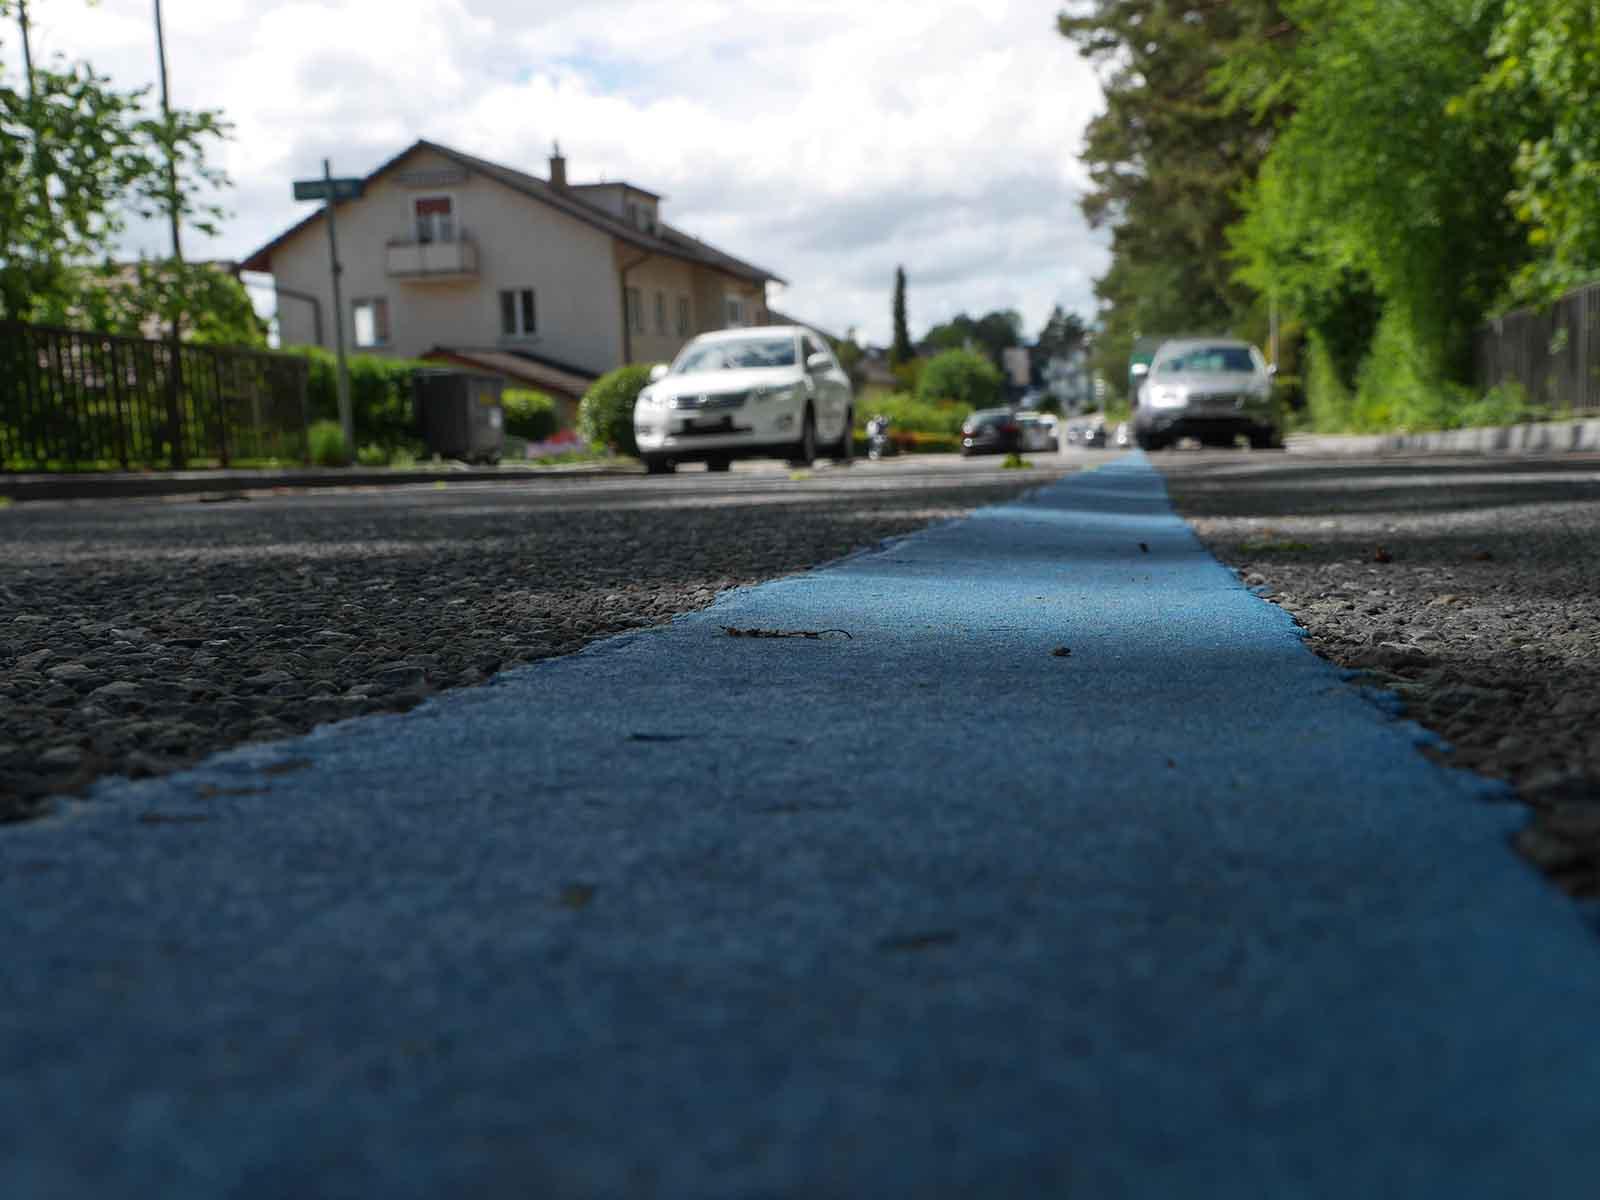 Zum Ärger vieler Anwohner*innen sollen rund die Hälfte der Parkplätze in der blauen Zone verschwinden.